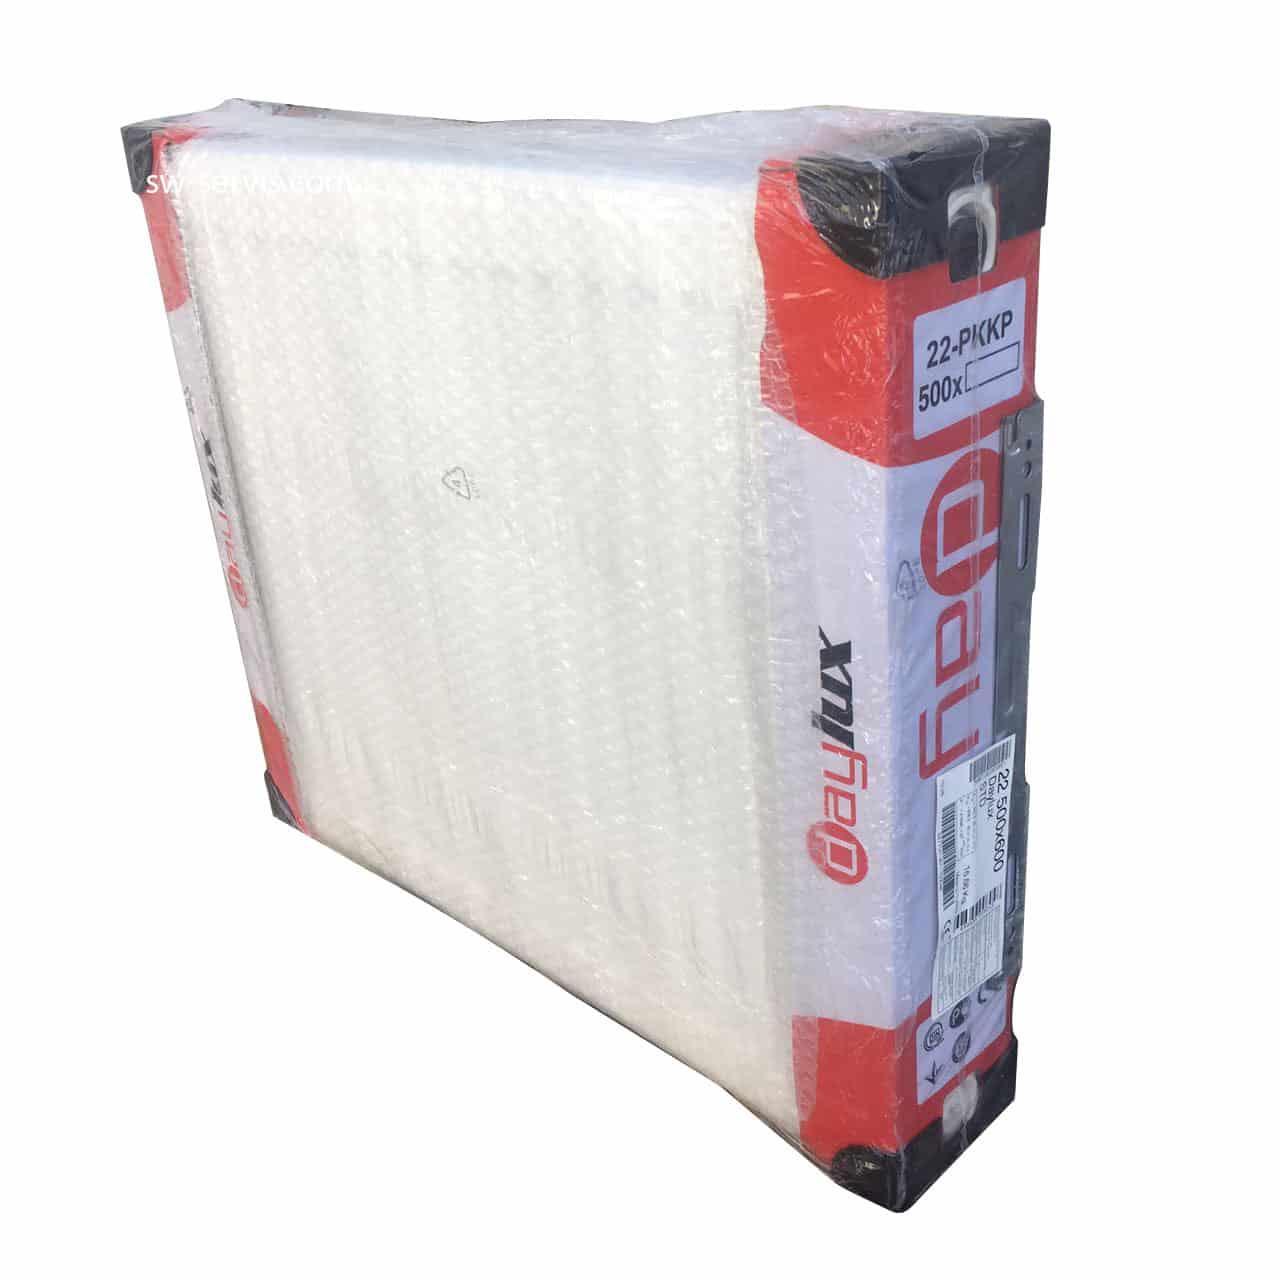 Сталевий радіатор тип 22 600*800 daylux